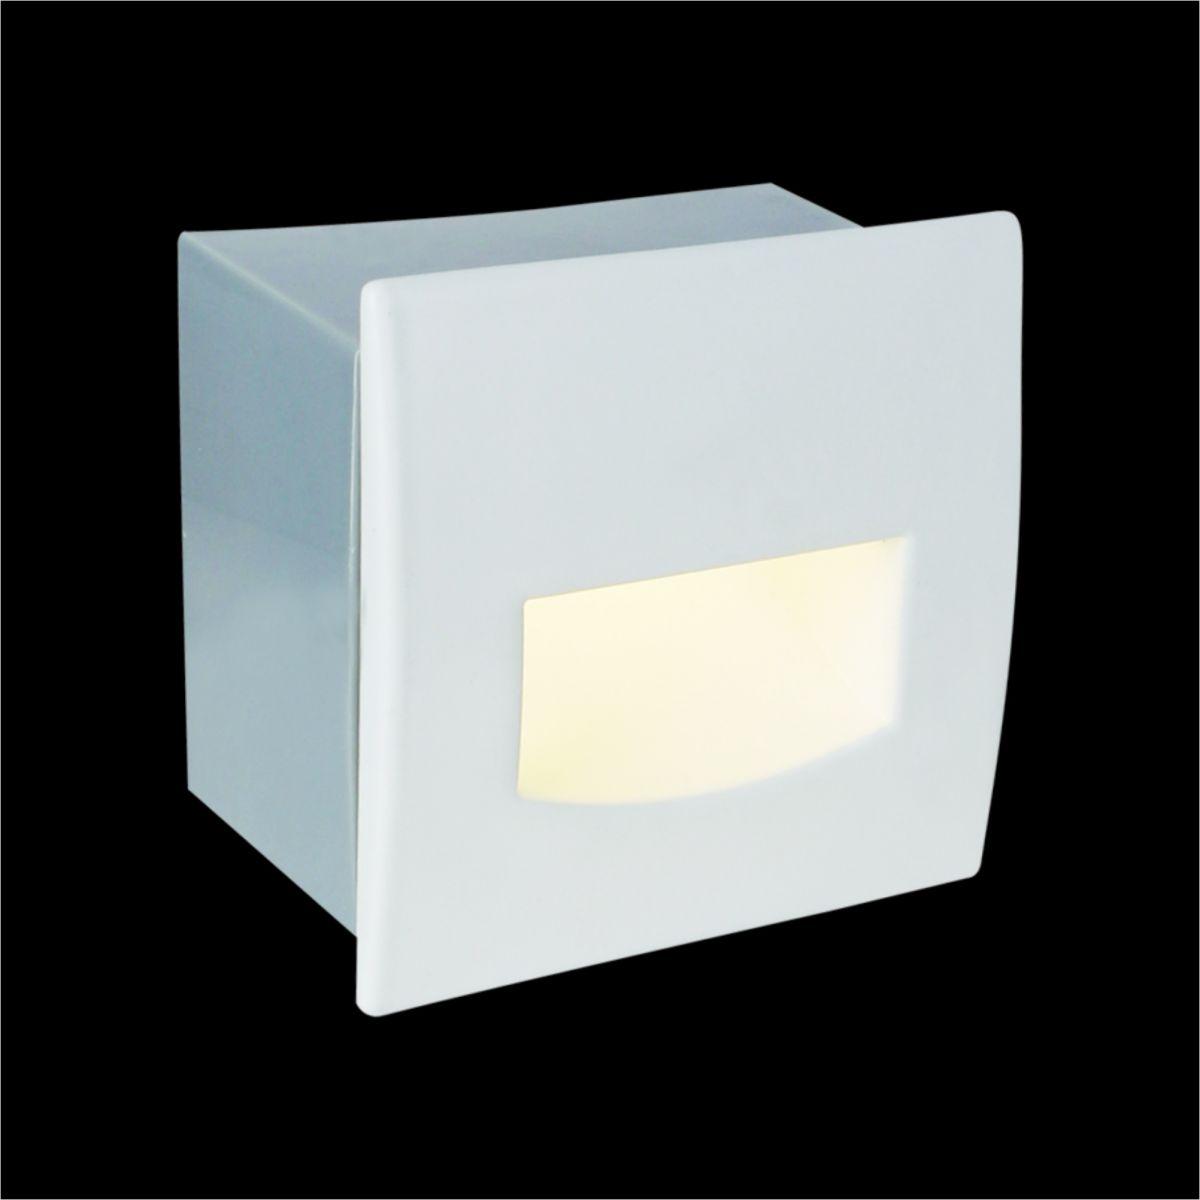 ĐÈN ÂM CẦU THANG HUFA ACT 02V W85xL55xH85 LED 3W T288